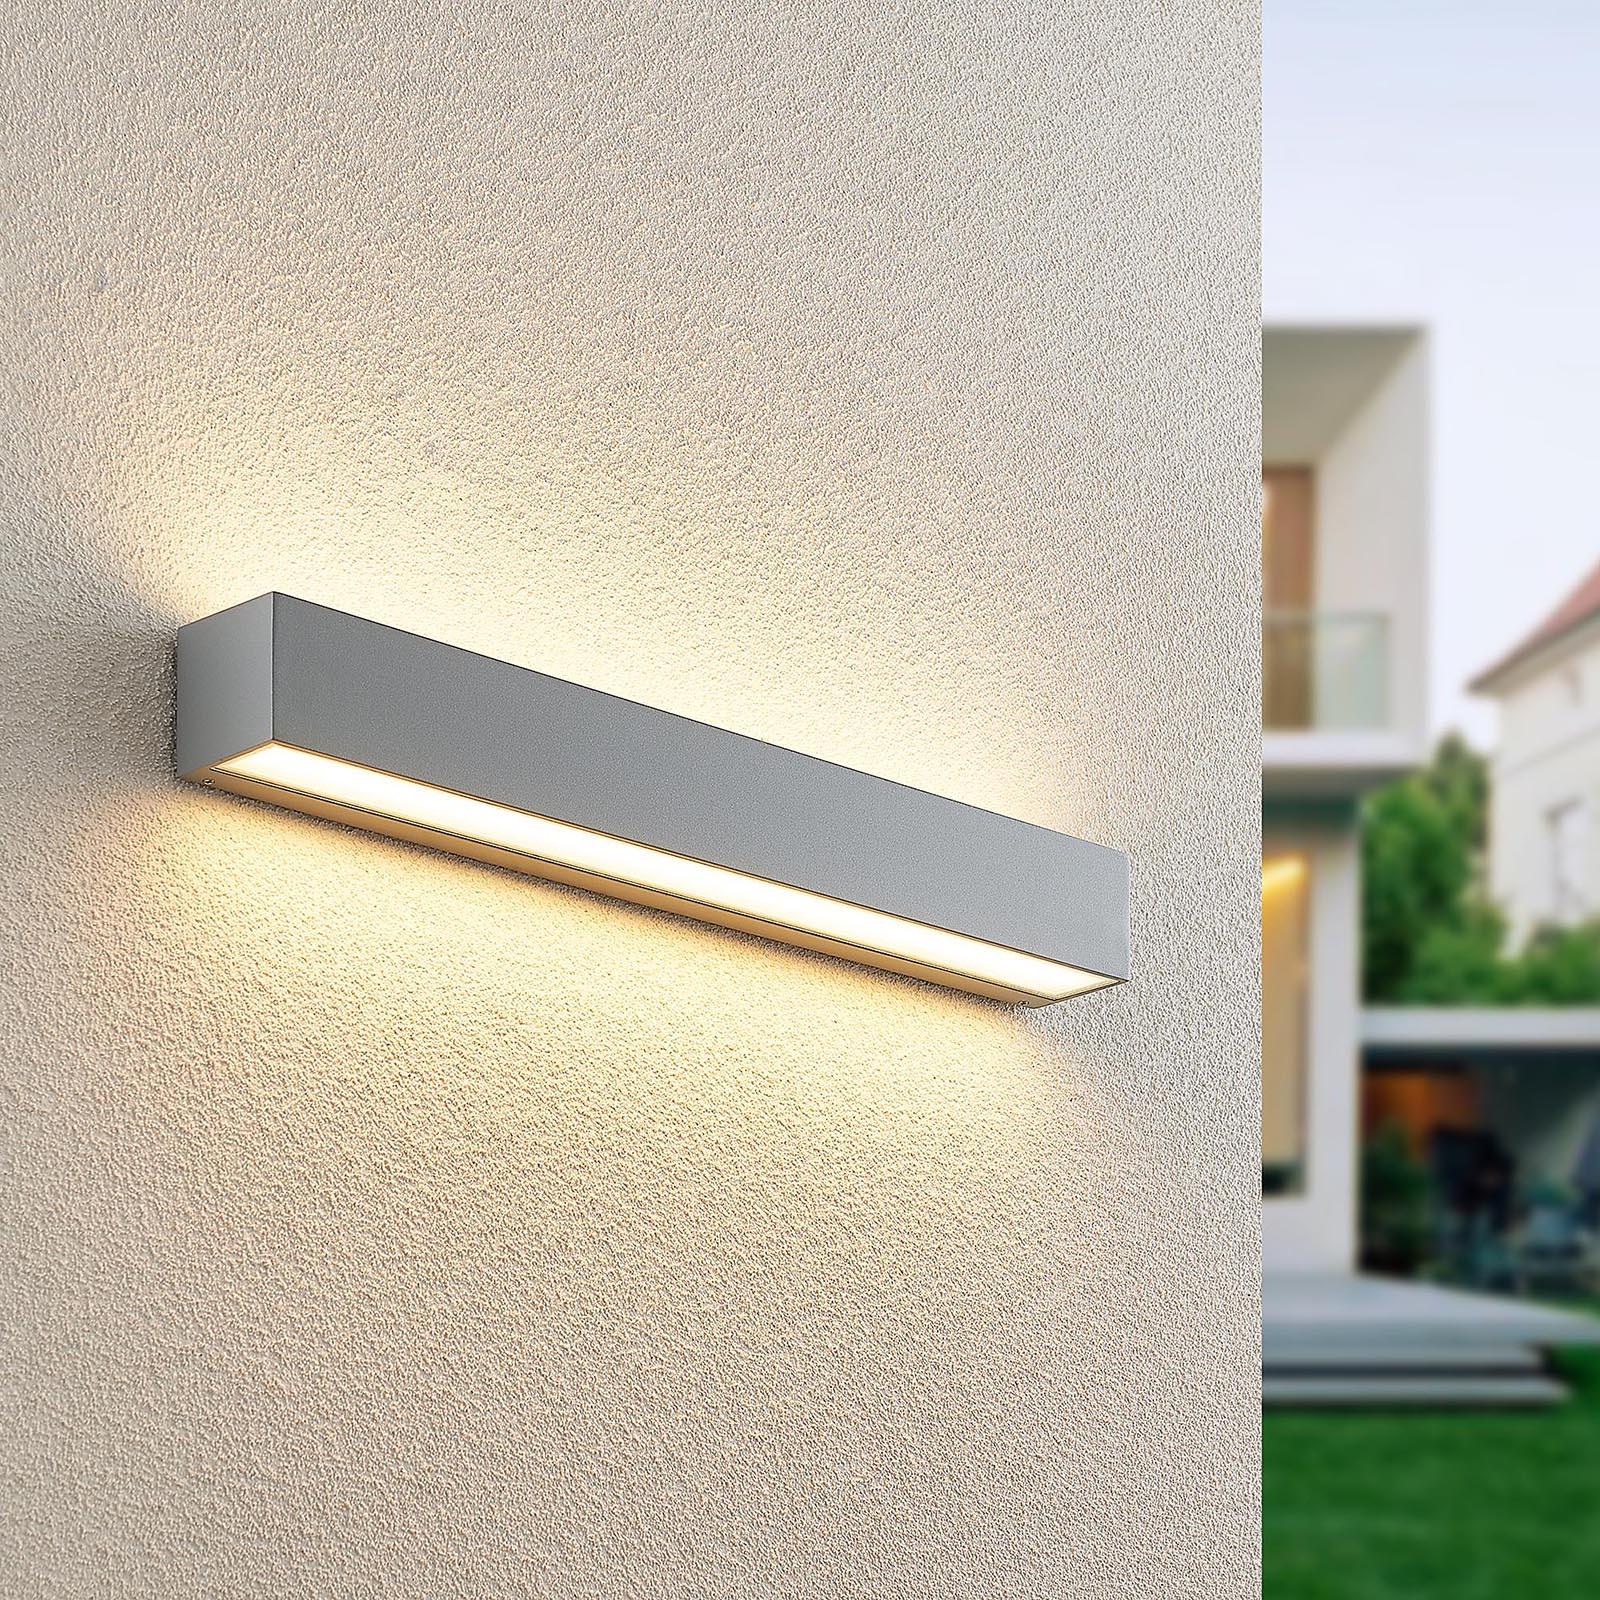 Lucande Lengo-LED-seinävalo 50cm hopea 2 lamppua